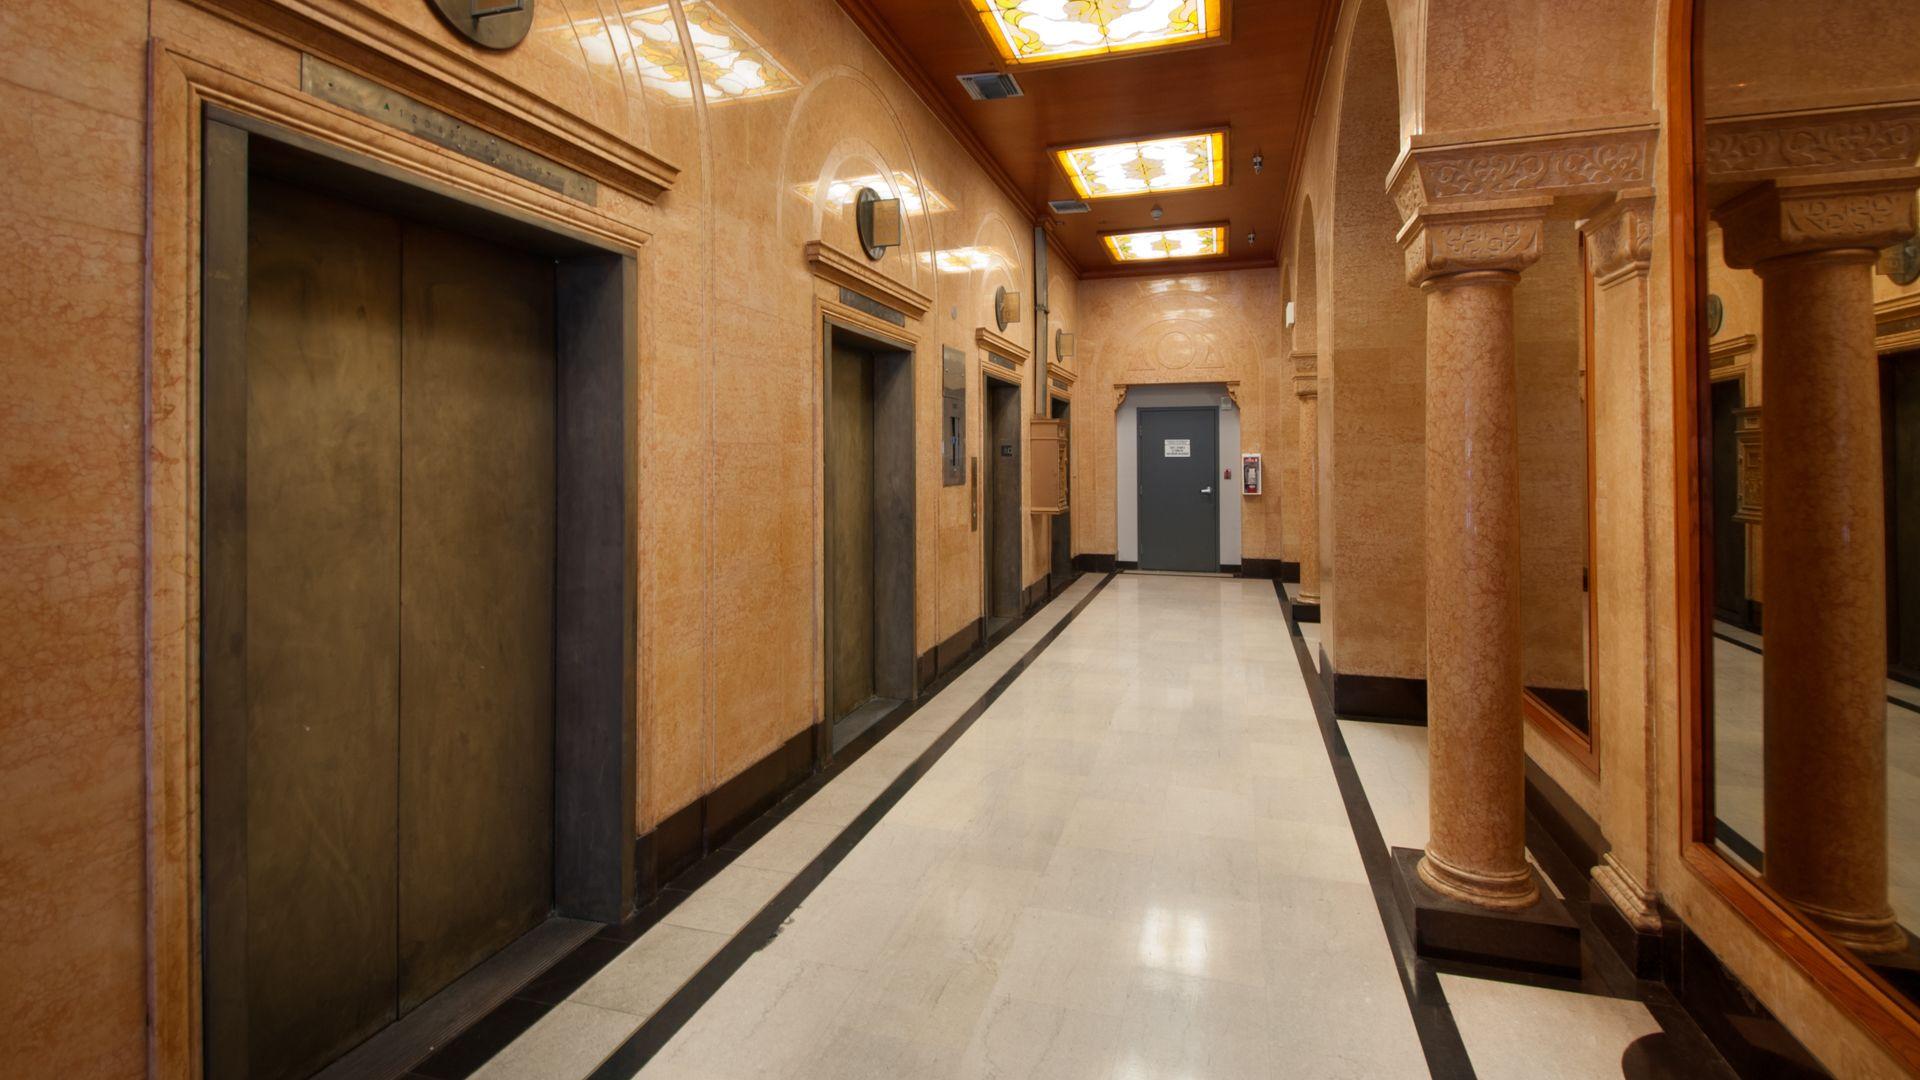 Milano Lofts Apartments - Lobby